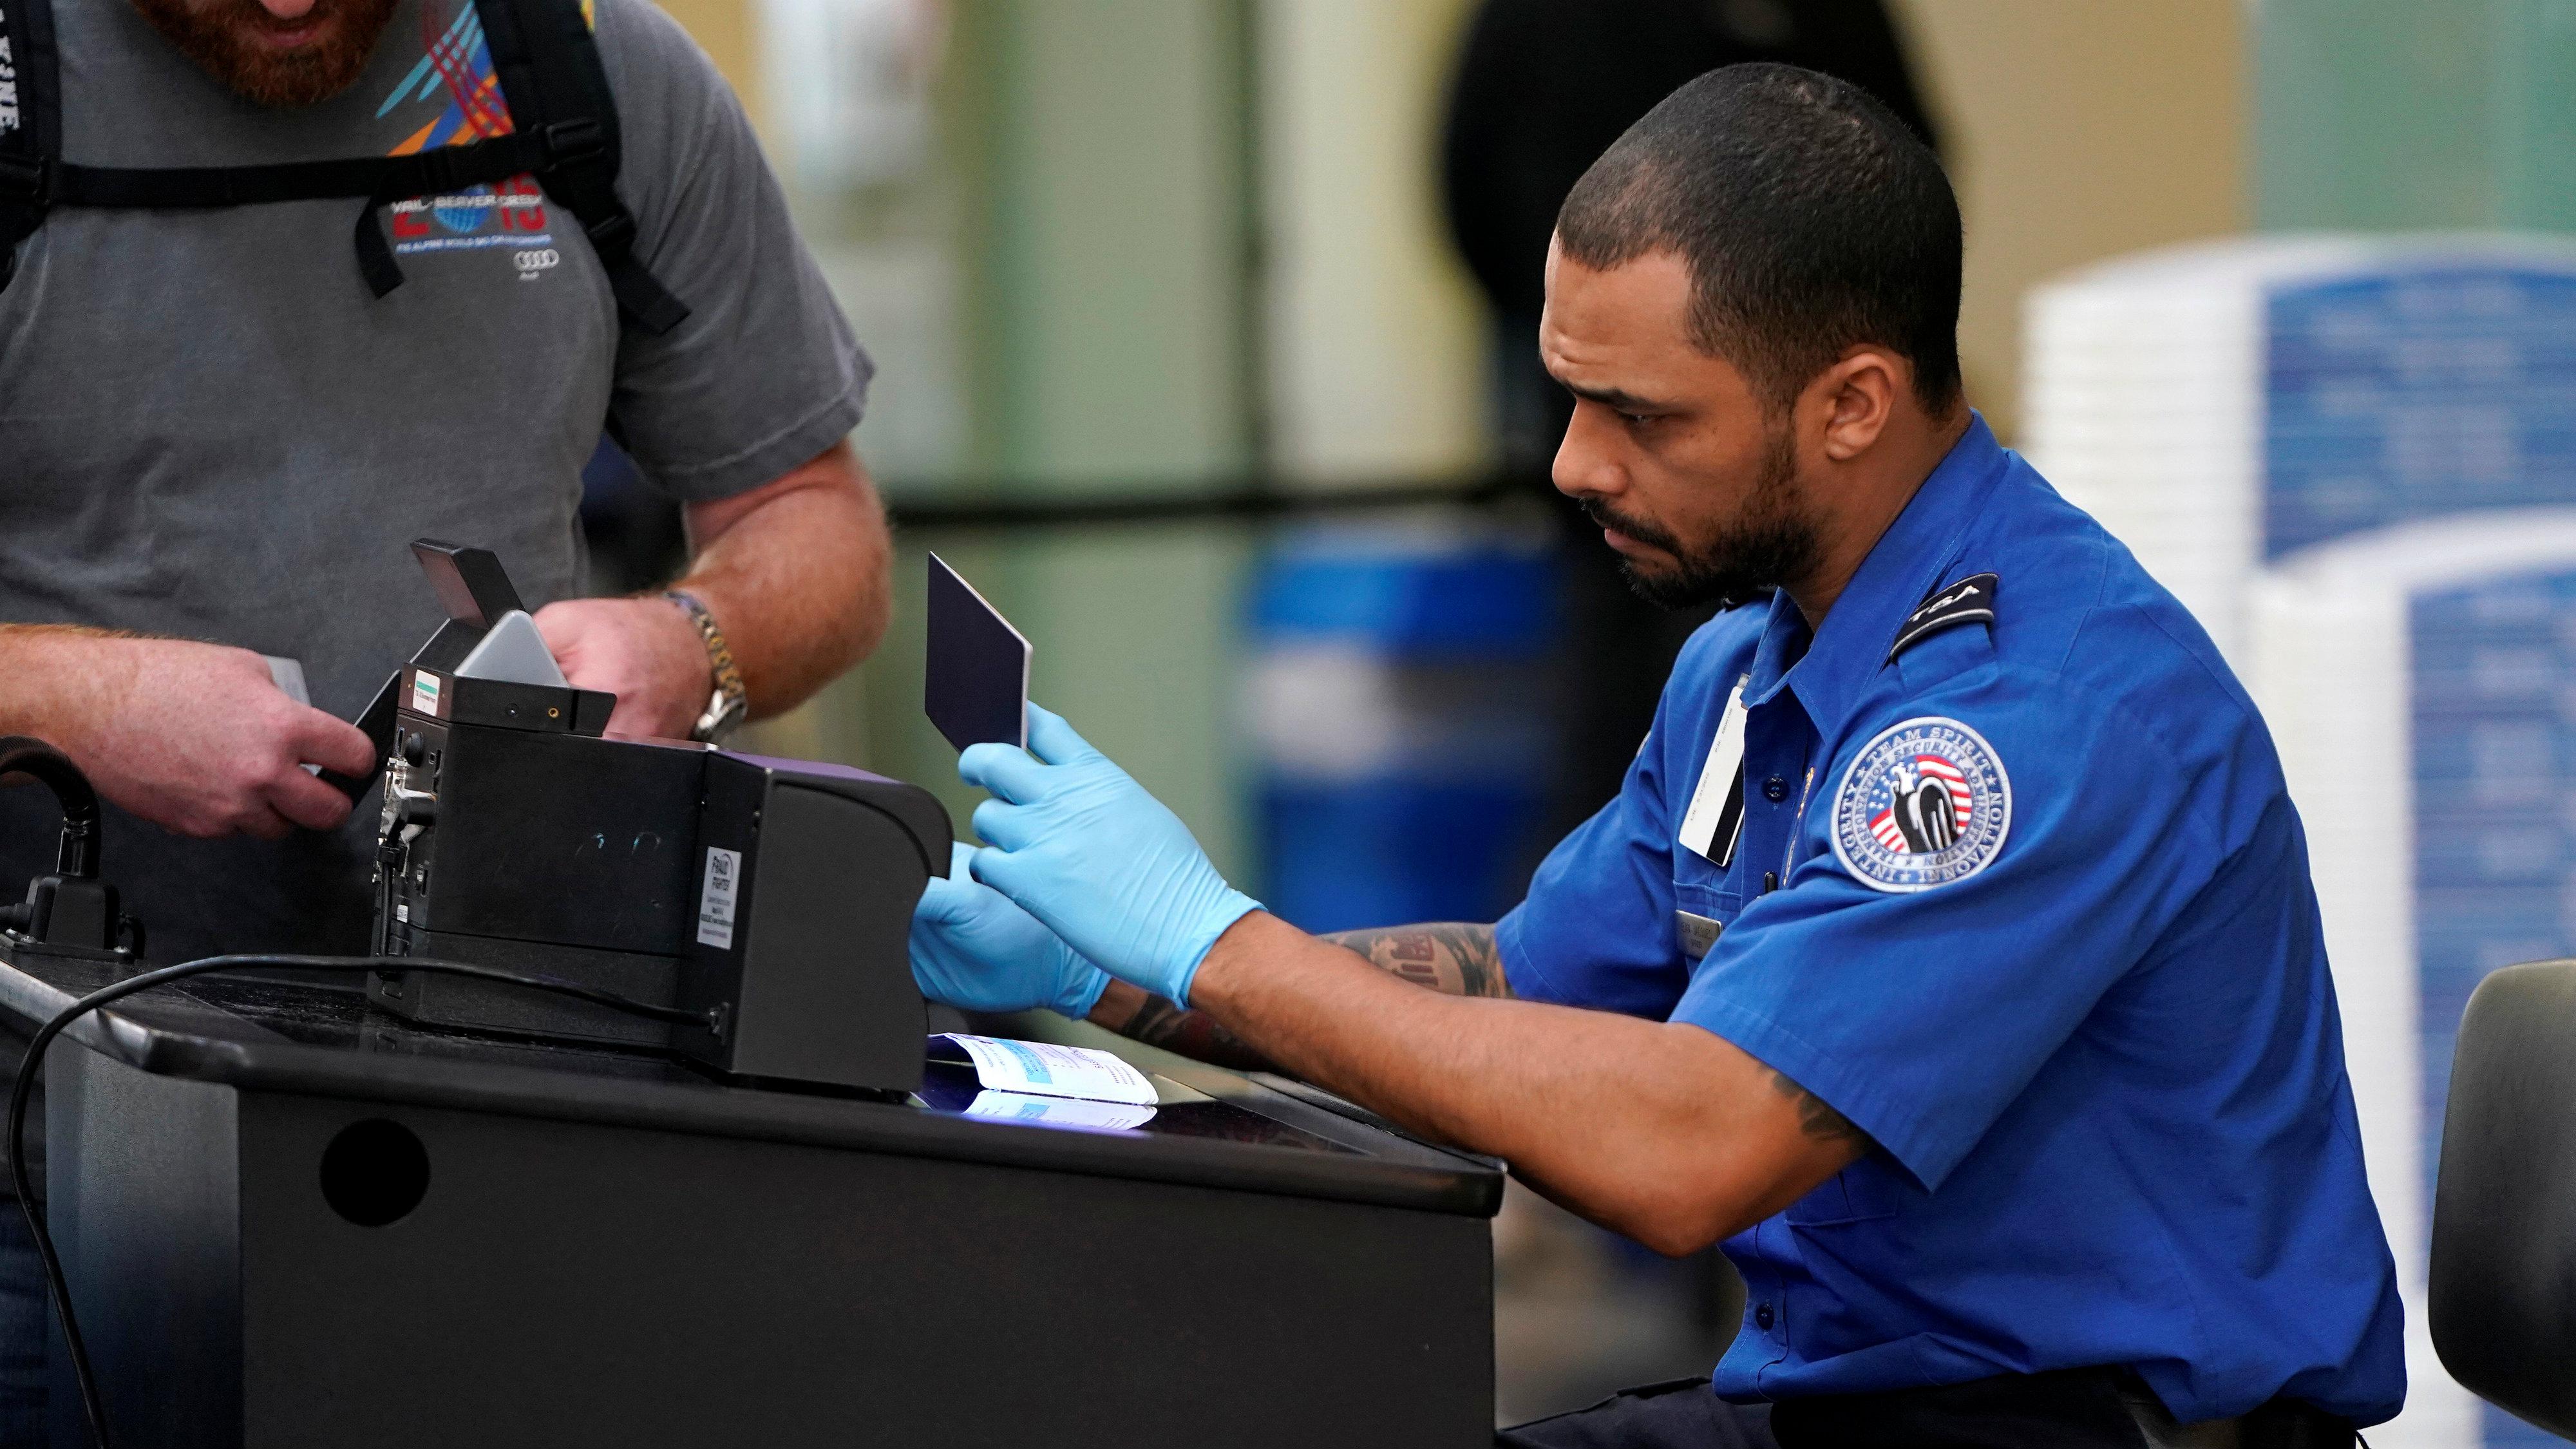 TSA agent checks document